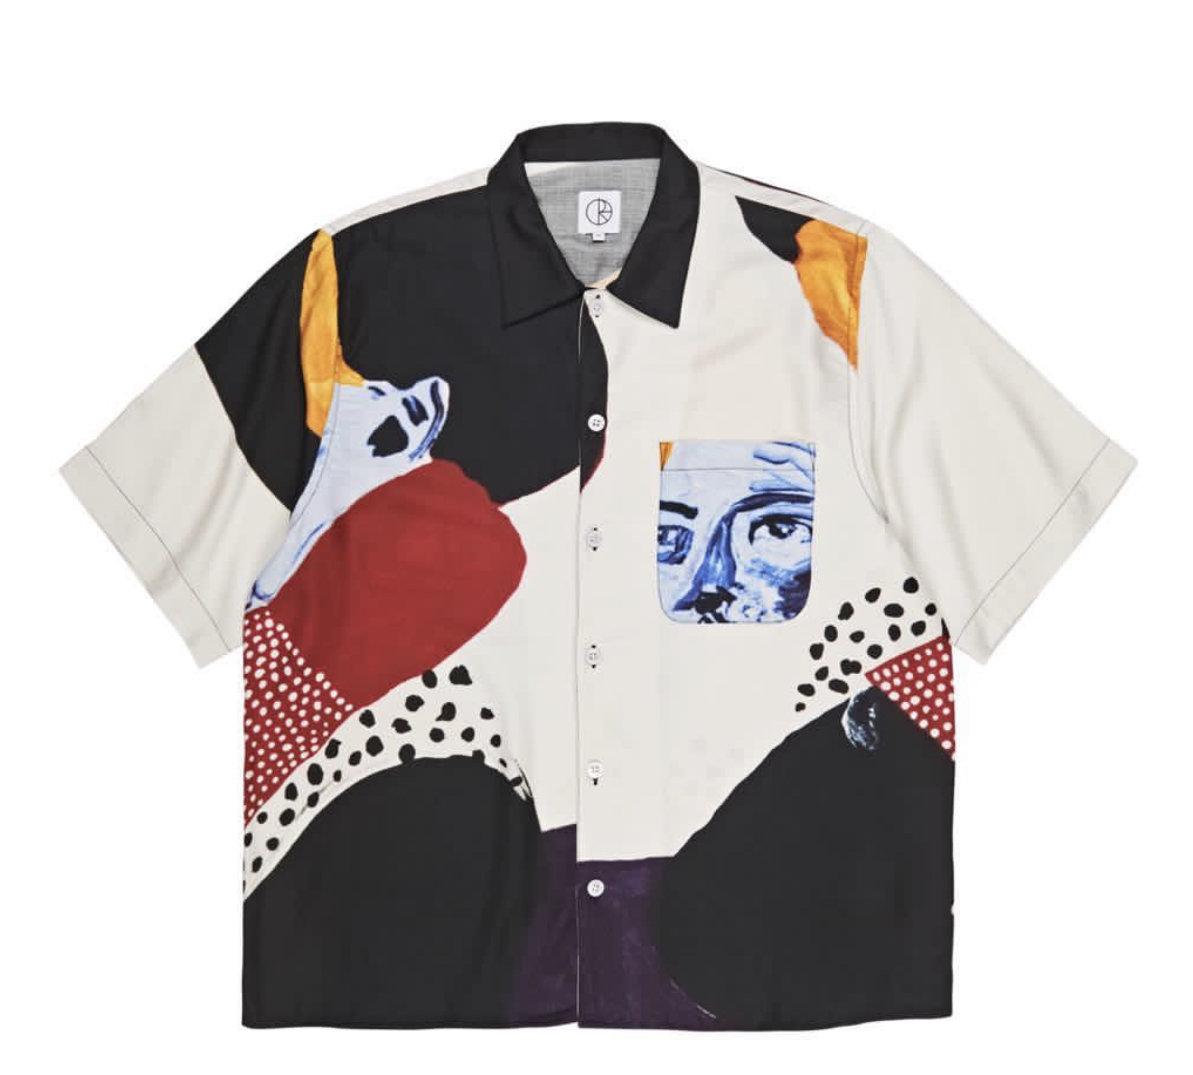 Chemise Polar - Art Shirt - Multi